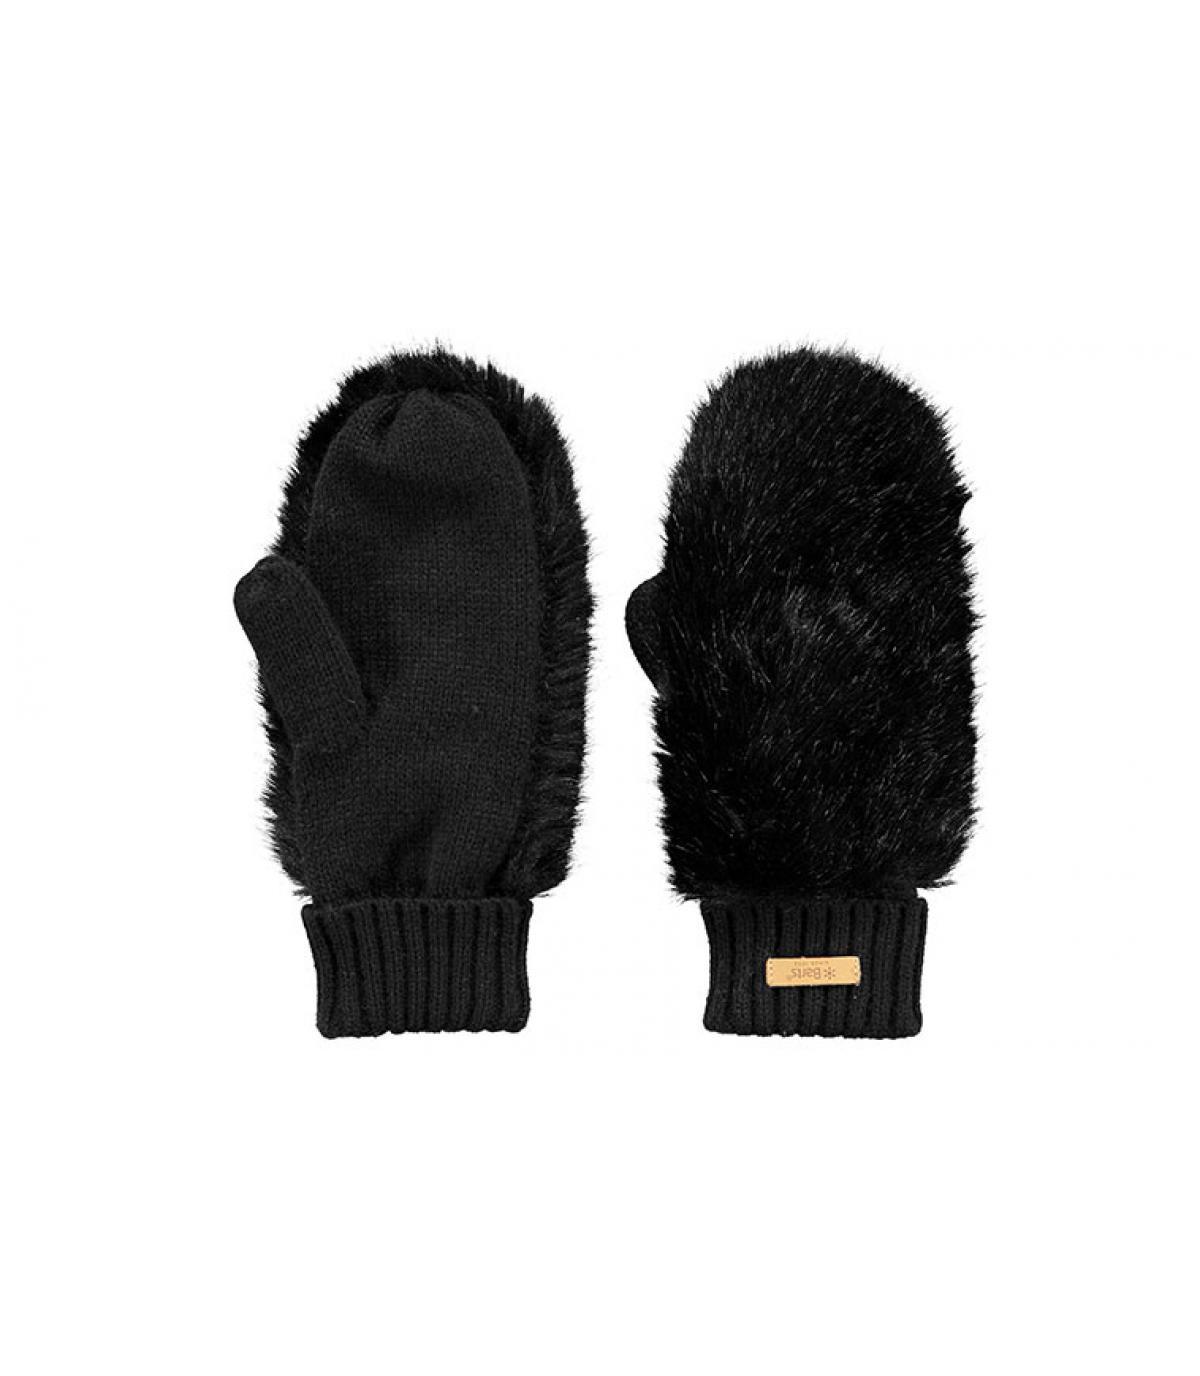 Guantes lana - Compra venta de Guantes lana. Primera sombrerería en línea.  Entrega en 48 72horas. 7cd412c4ae9